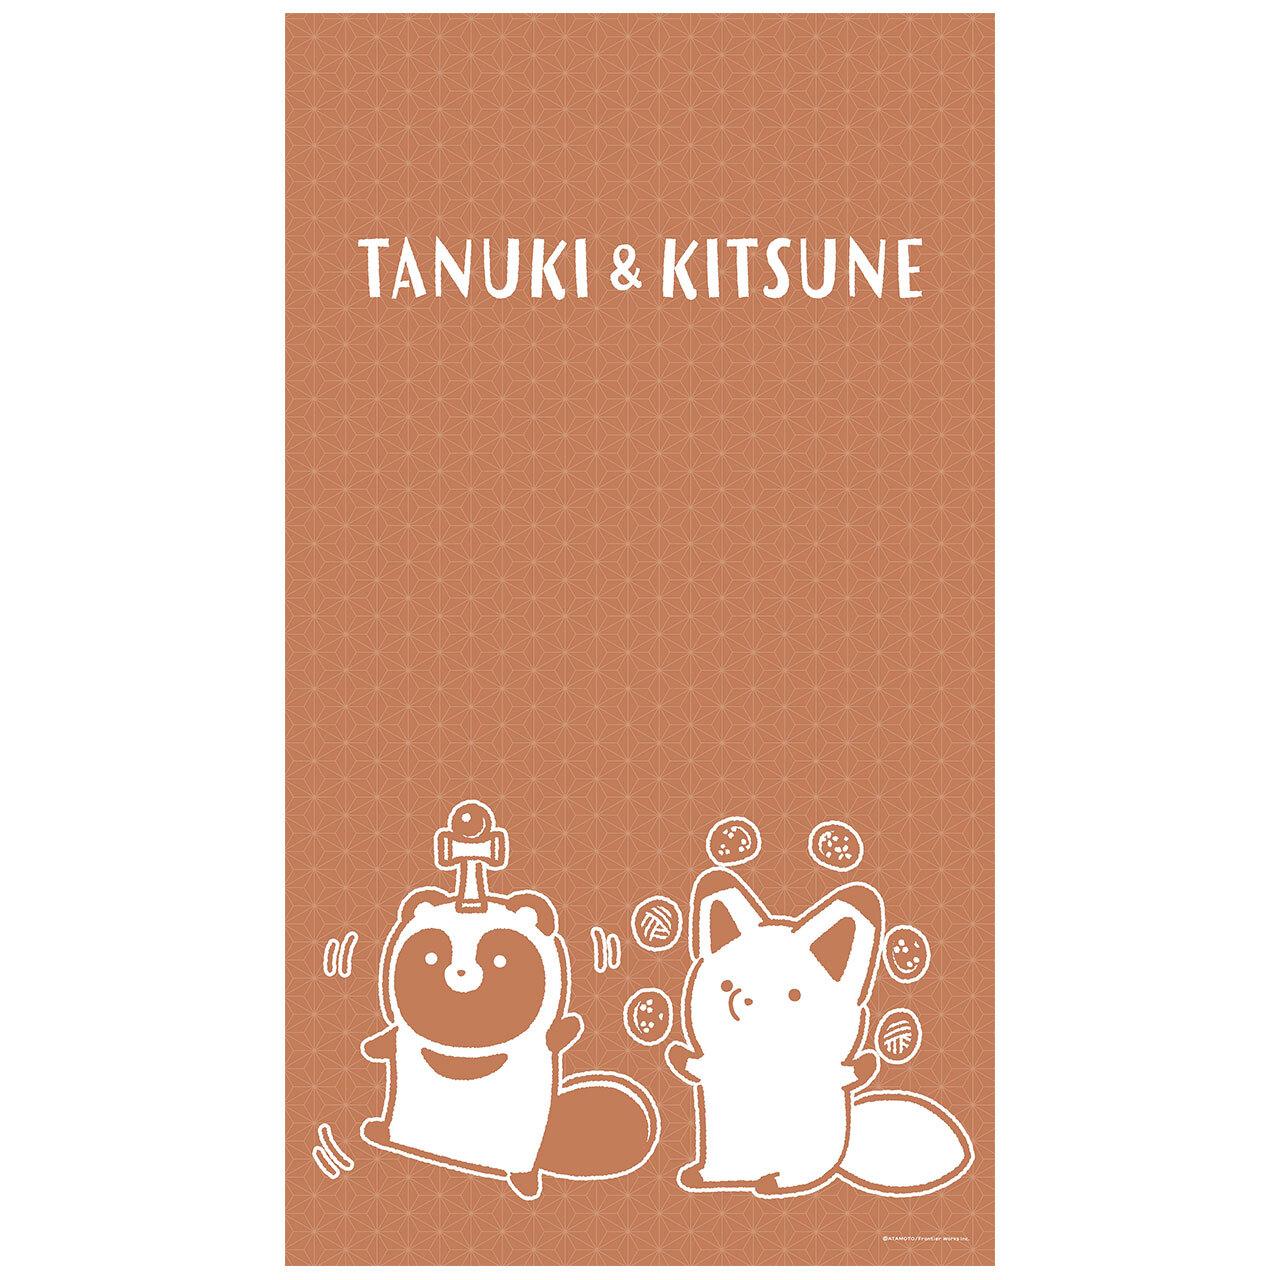 【4589839352857予】タヌキとキツネ マルチタペストリーのれん 昔遊び